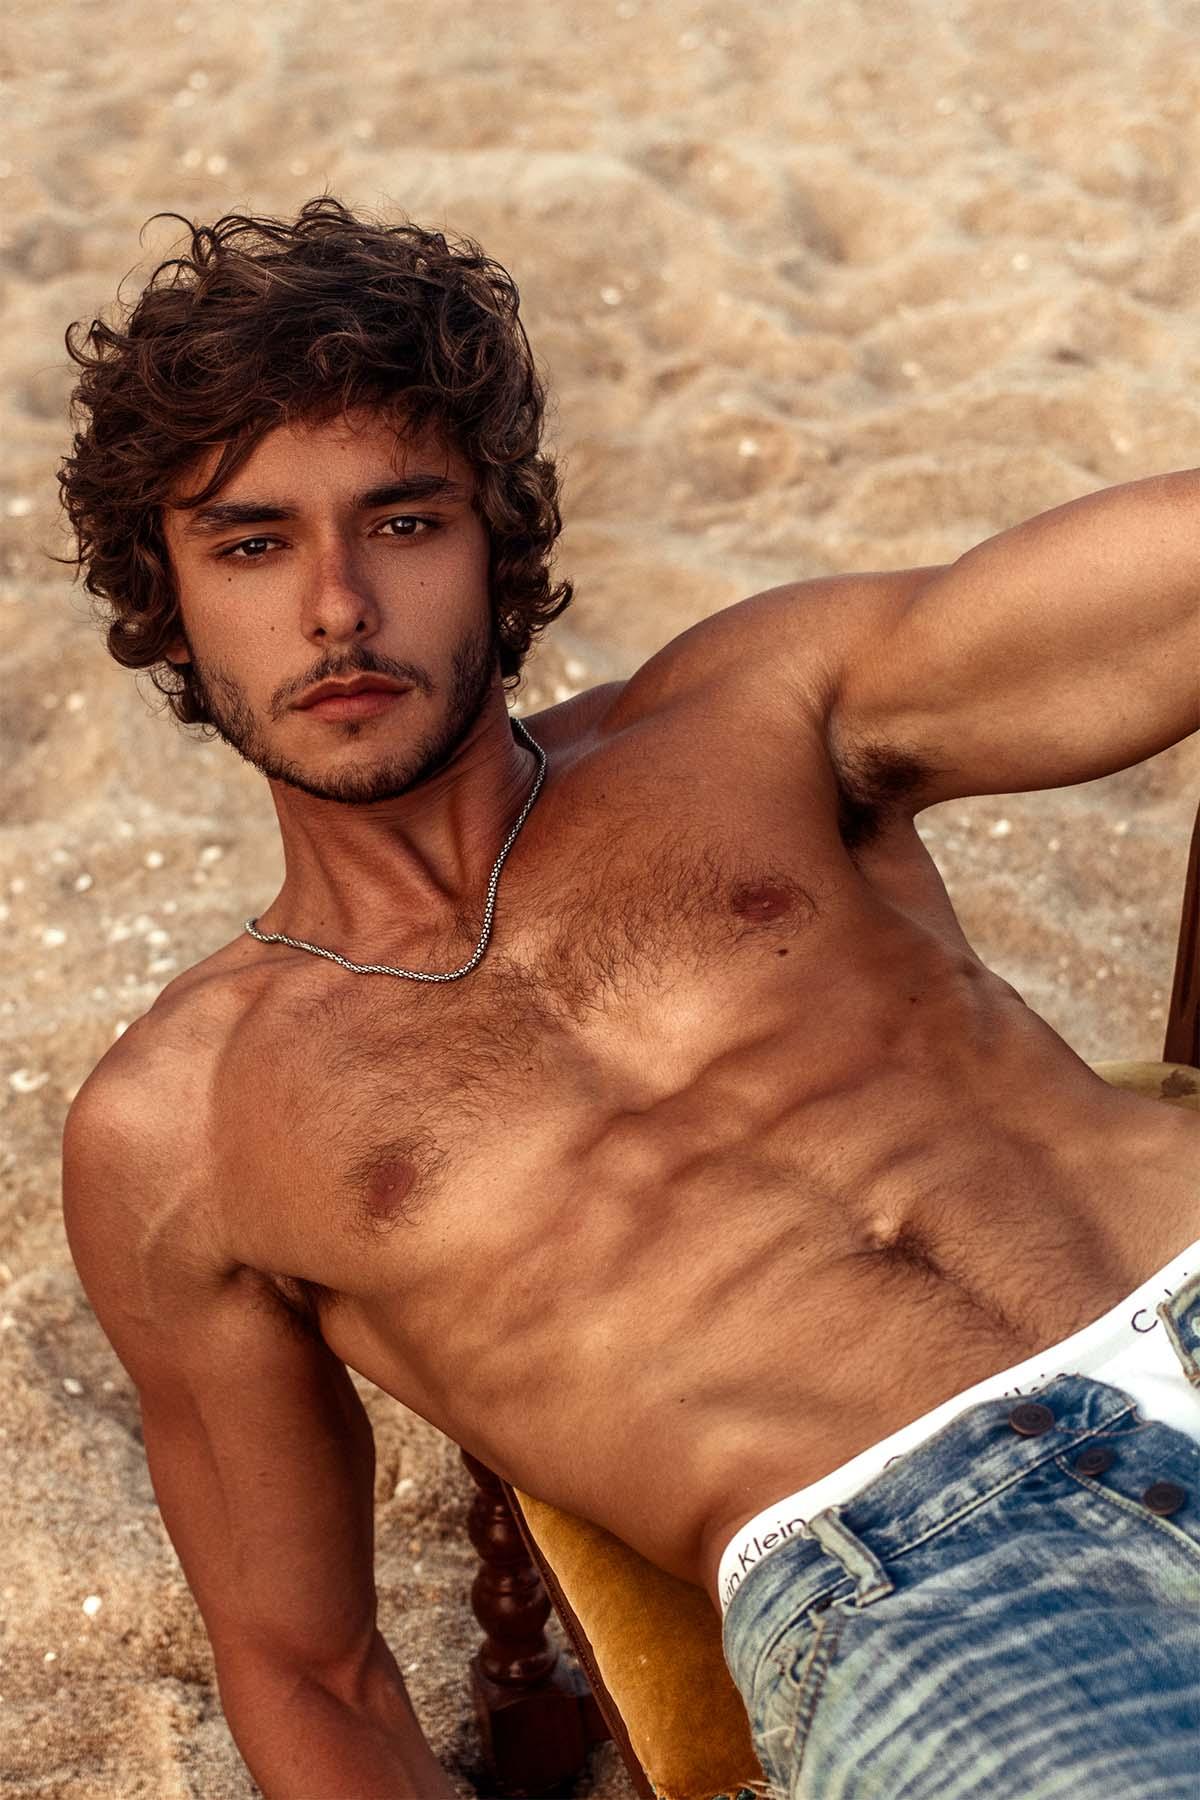 André Zomkowski by Guilherme Herdt for Brazilian Male Model